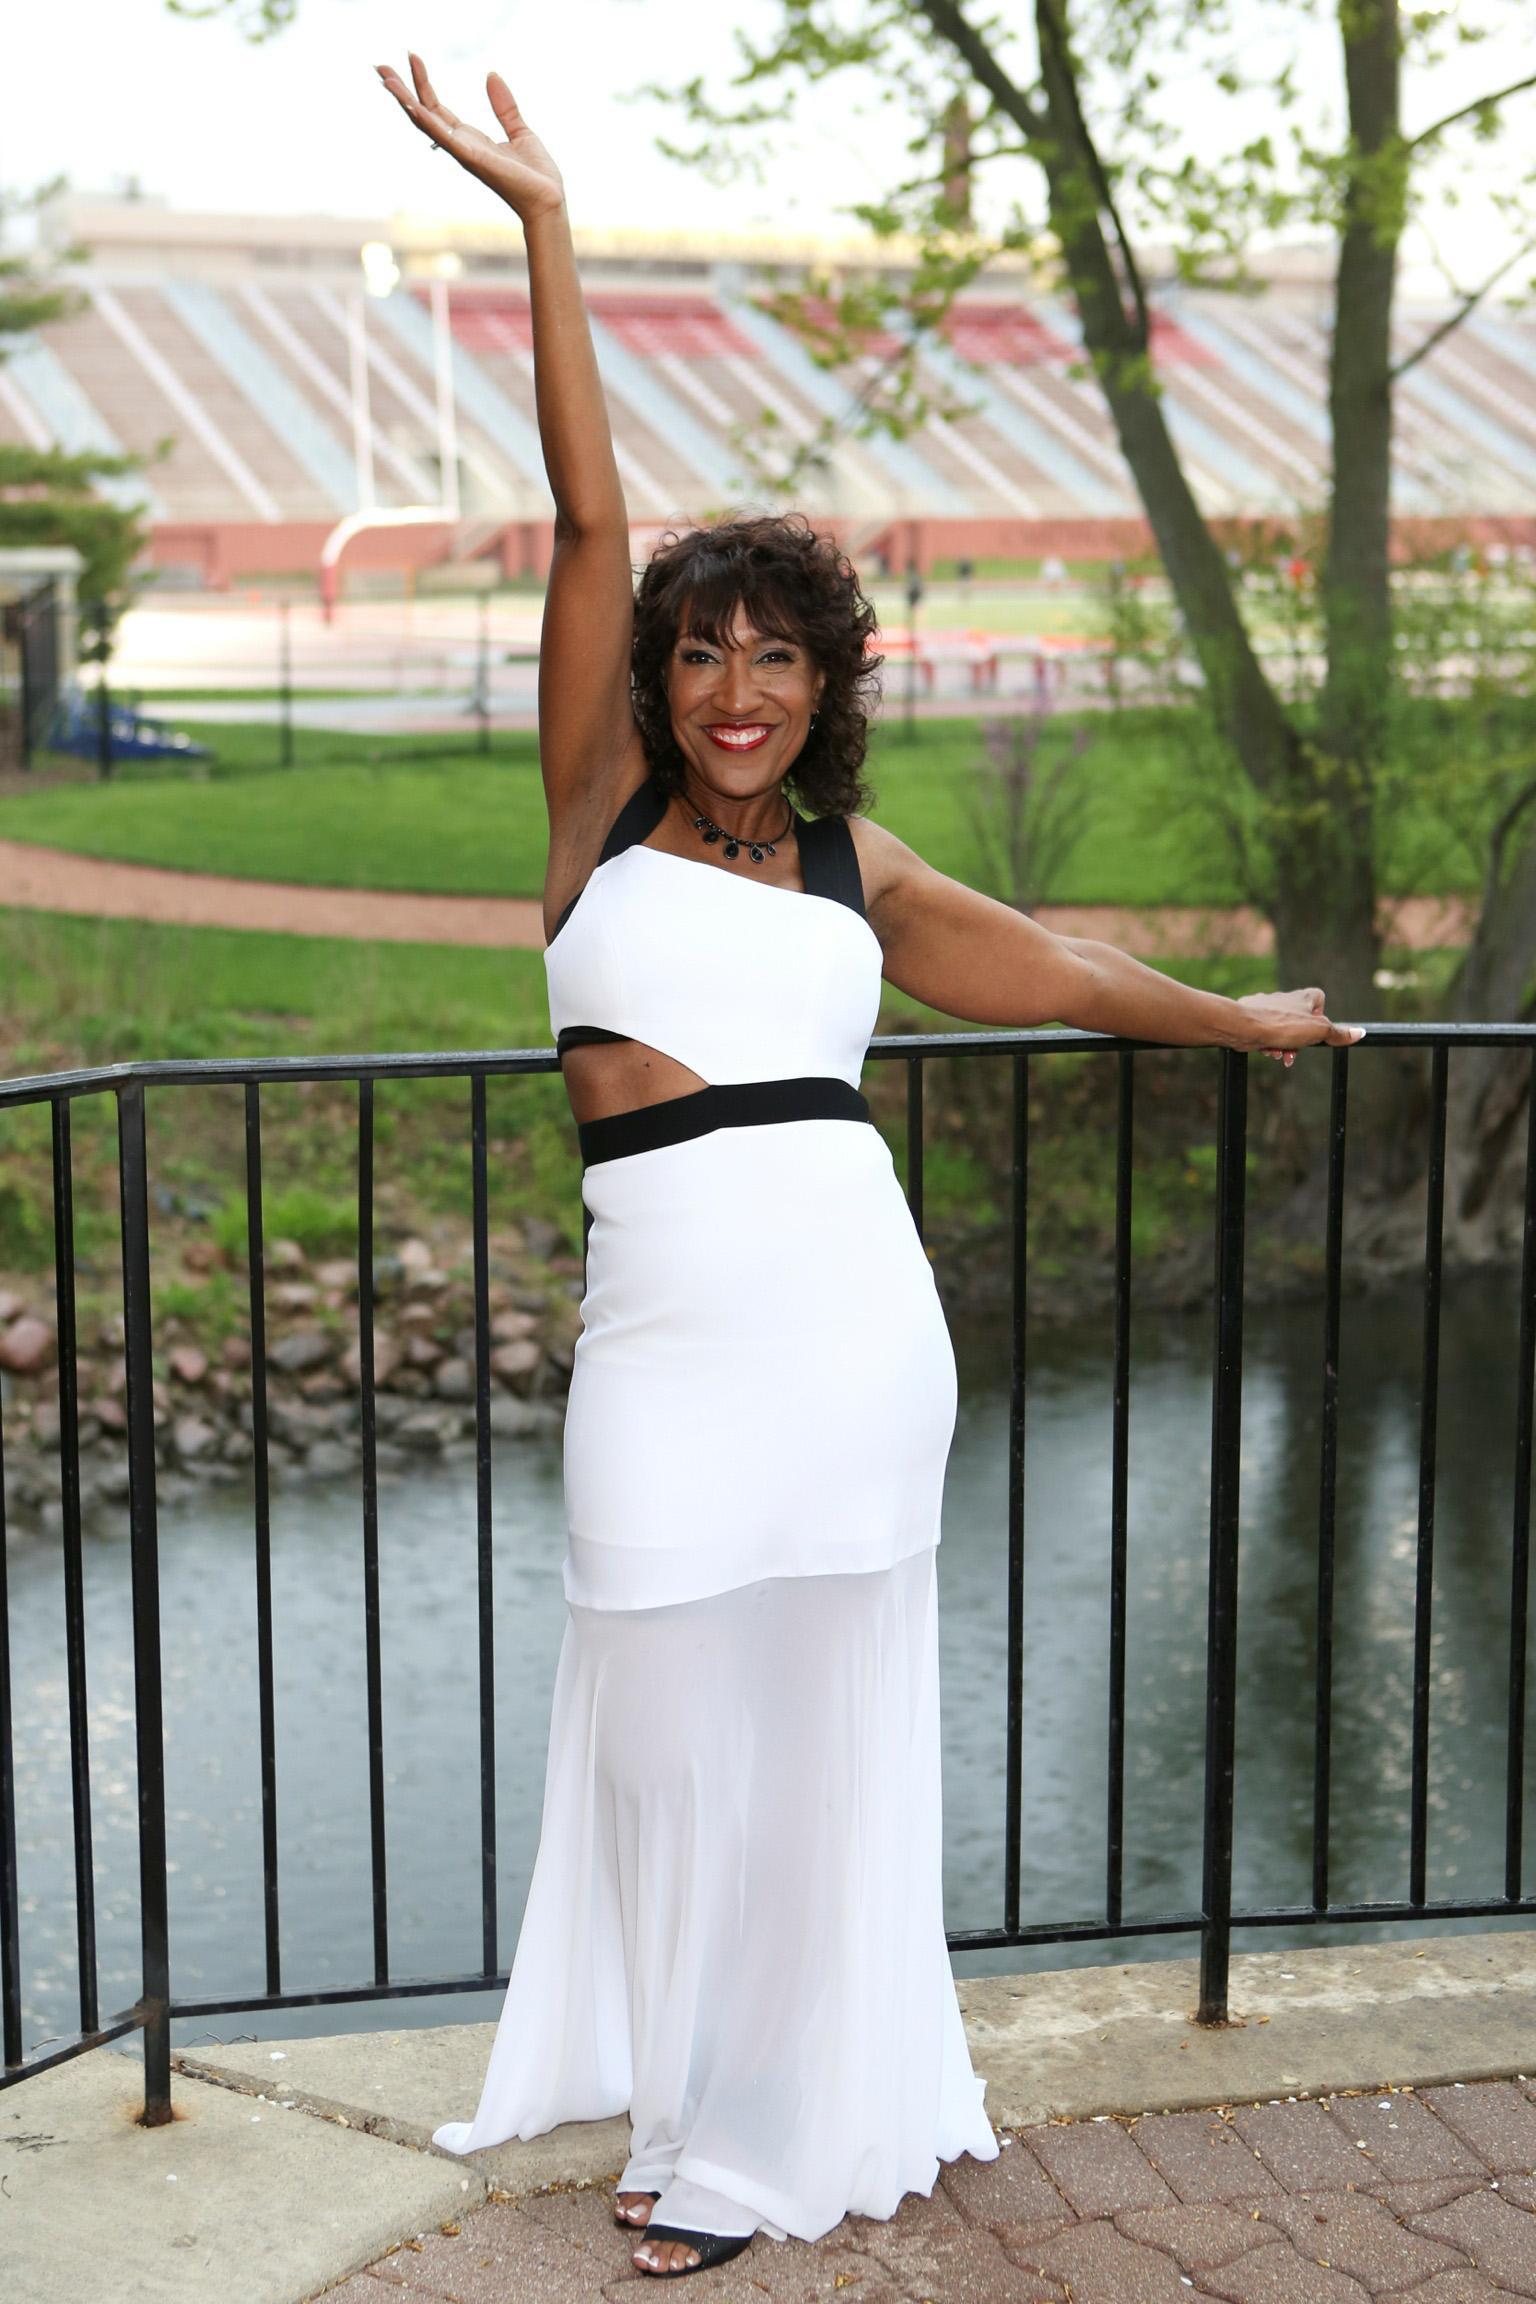 Rachell in white dress